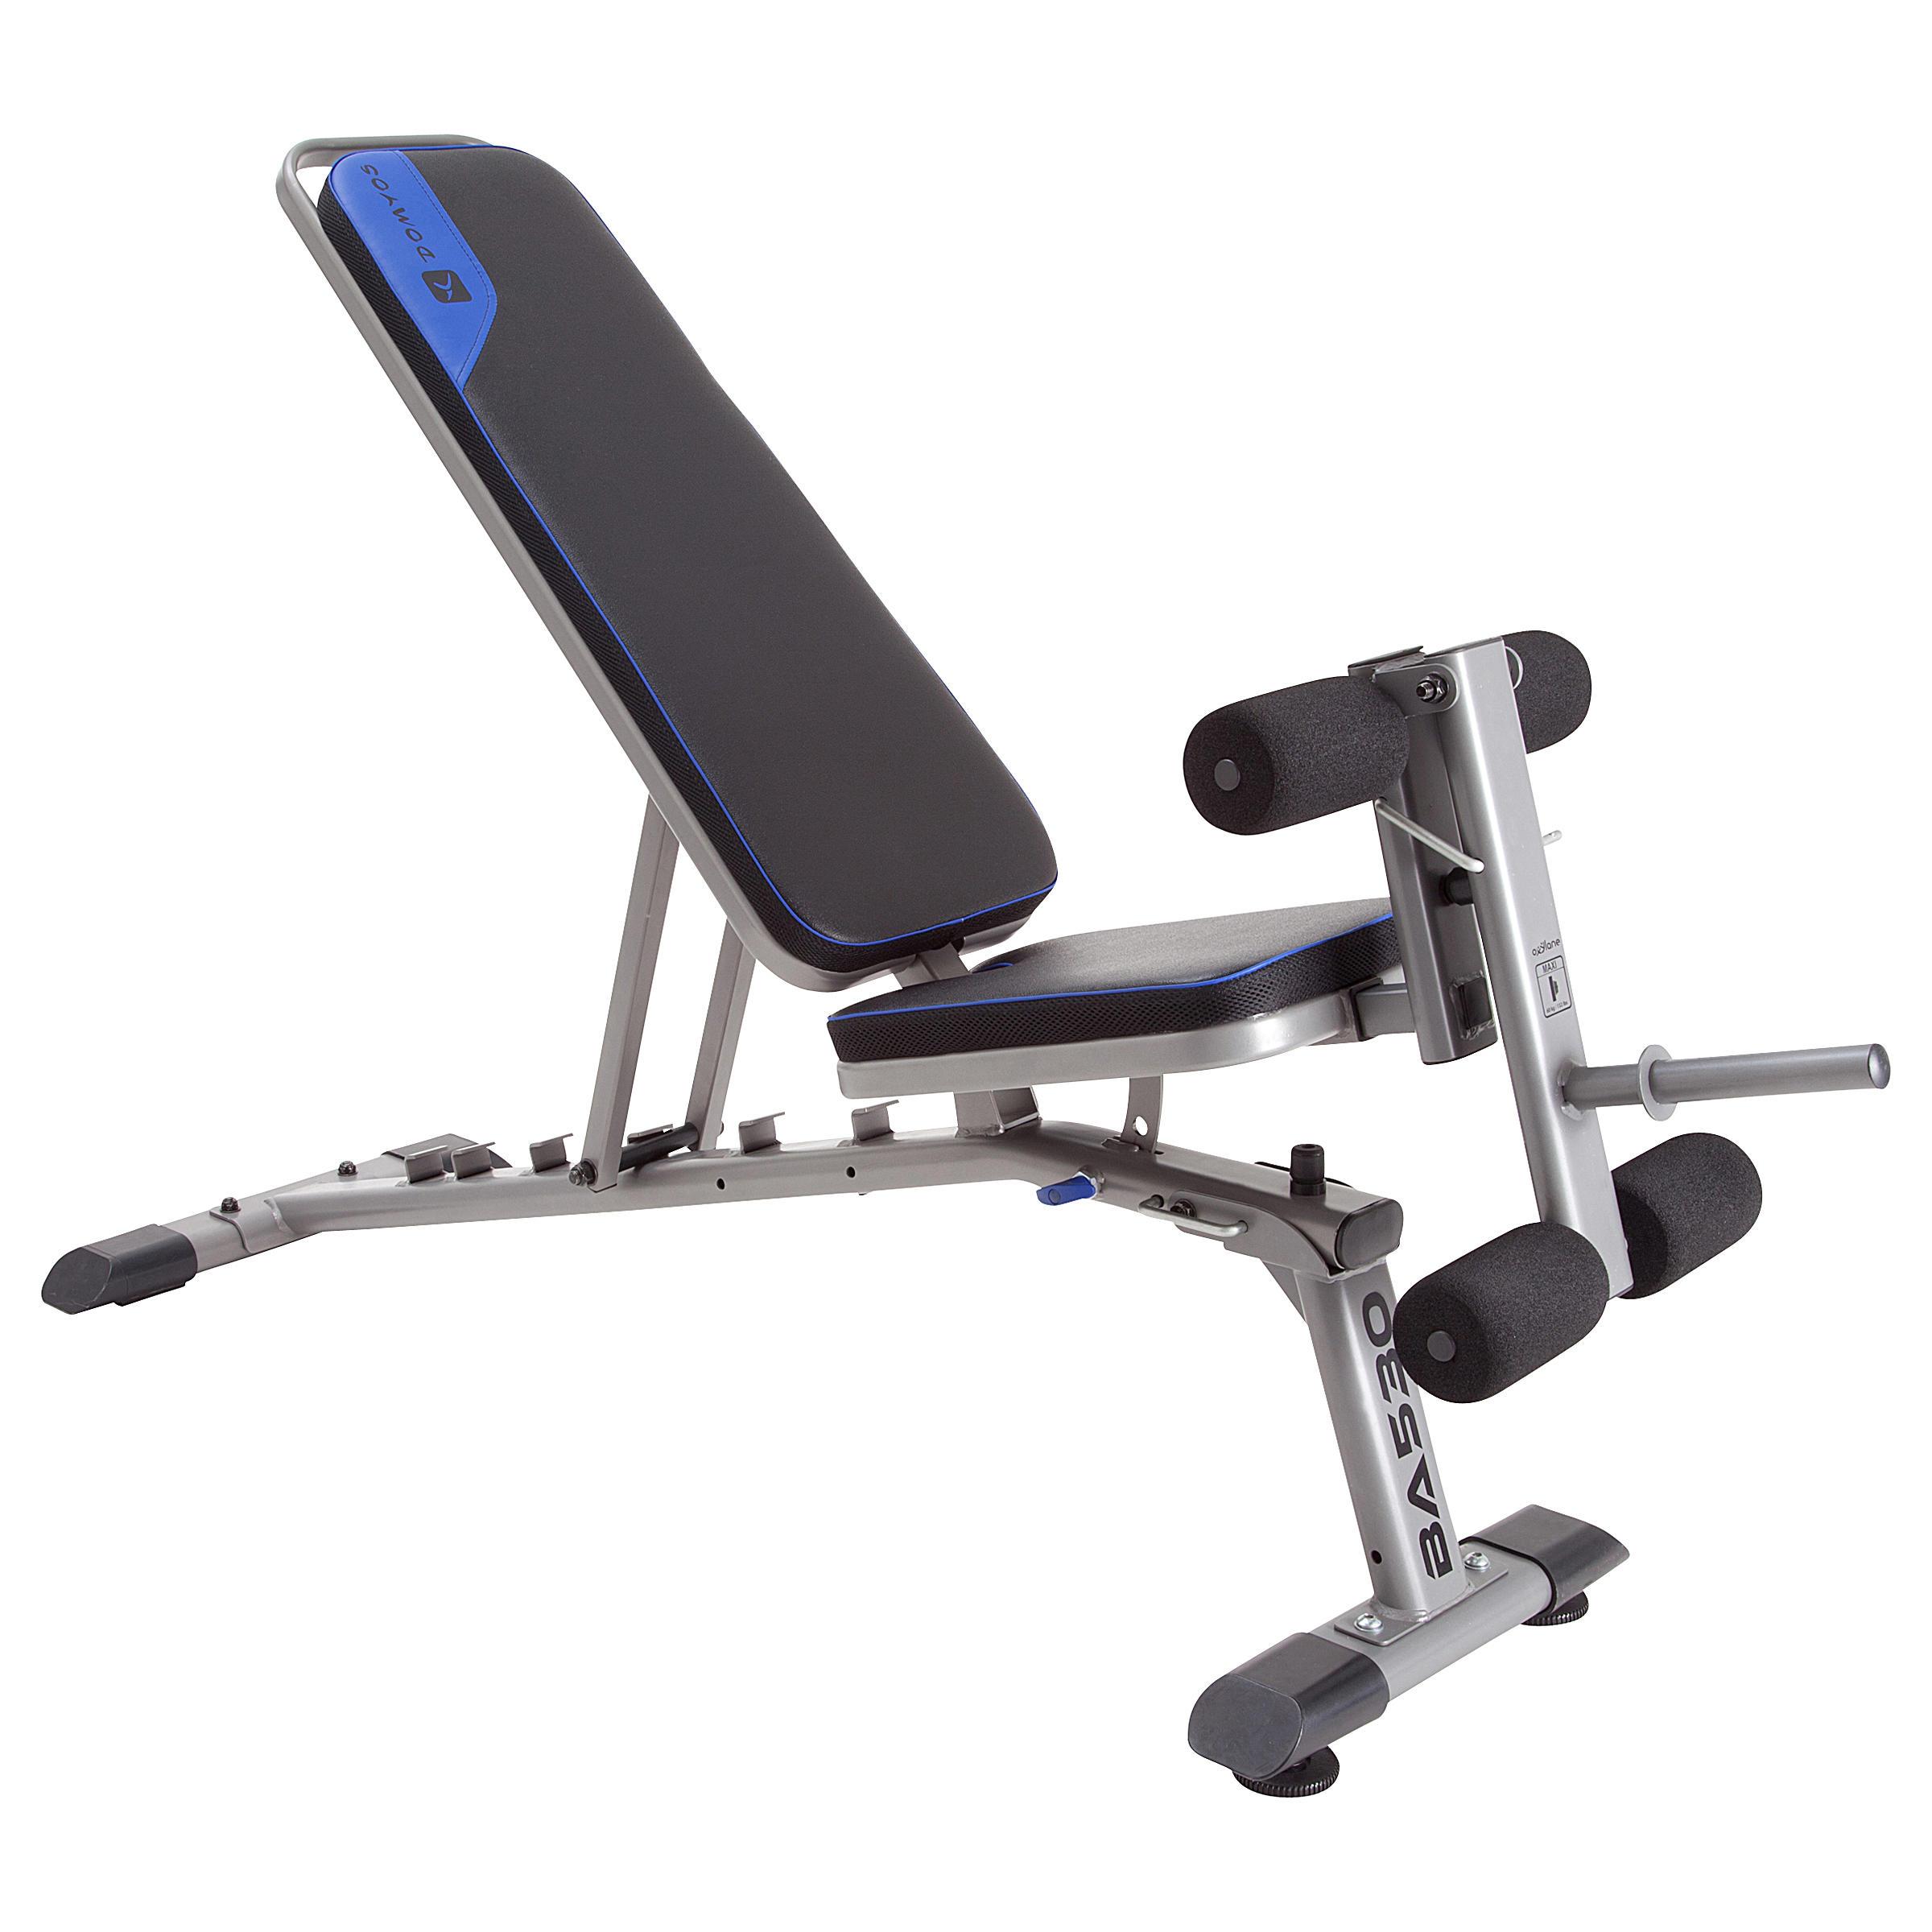 Musculation De 530 Pliable Ba Banc cKJFl1